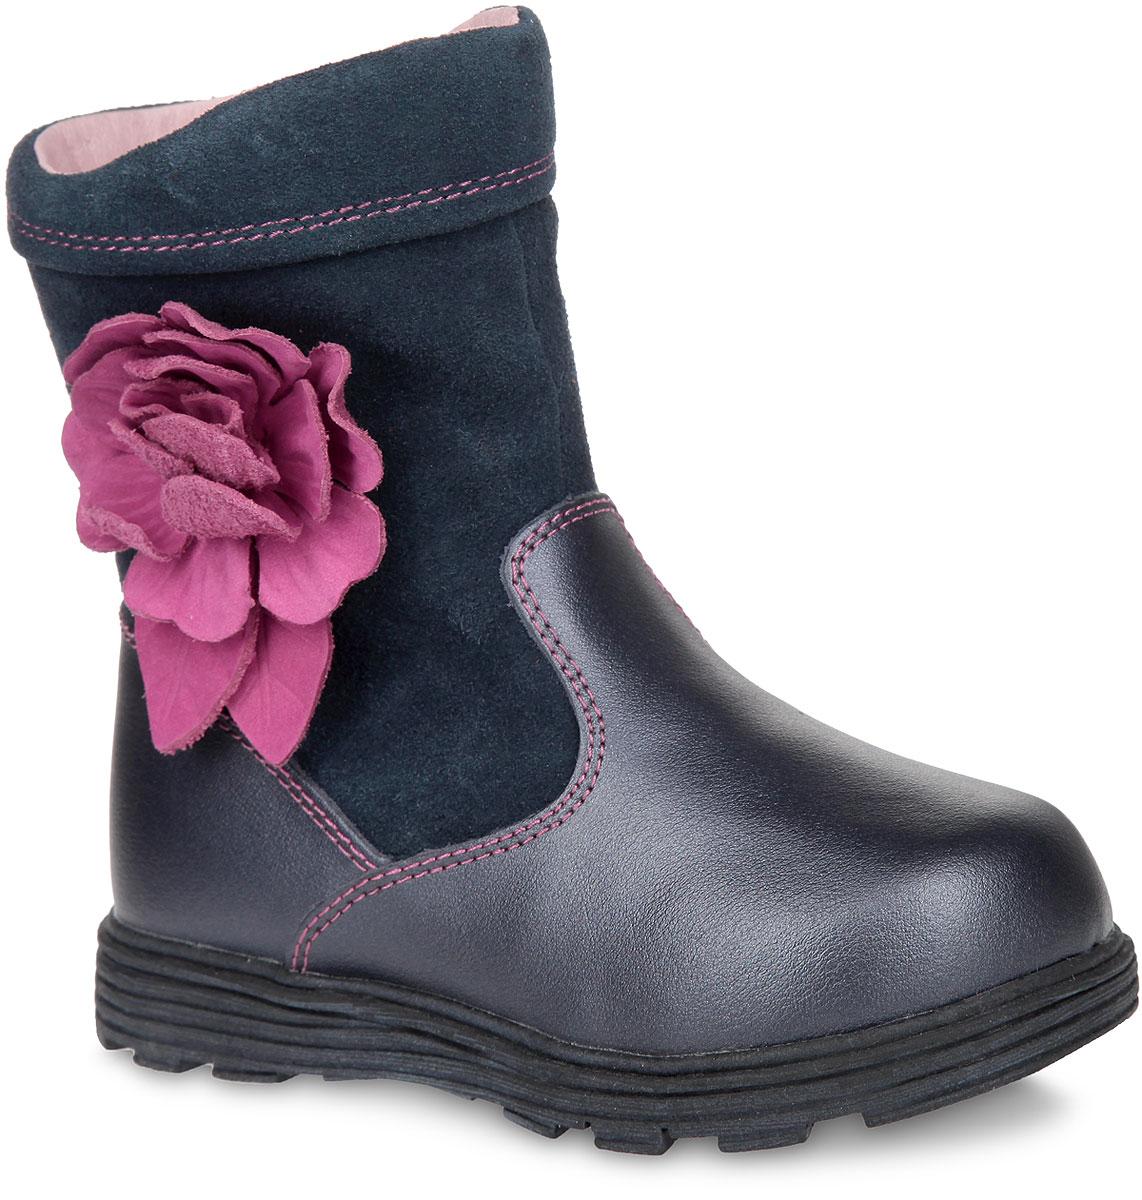 Сапоги для девочки. XC4887XC4887Очаровательные сапоги от Flamingo придутся по душе маленькой моднице! Модель изготовлена из натуральной замши и натуральной кожи. Обувь оформлена контрастной прострочкой, на голенище - аппликацией в виде объемного цветка. Сапоги застегиваются на удобную застежку-молнию, расположенную на одной из боковых сторон. Подкладка и стелька, исполненные из натурального меха, сохранят ножки в тепле. Подошва с протектором гарантирует идеальное сцепление на любой поверхности. Стильные и удобные сапоги займут достойное место в гардеробе вашего ребенка.